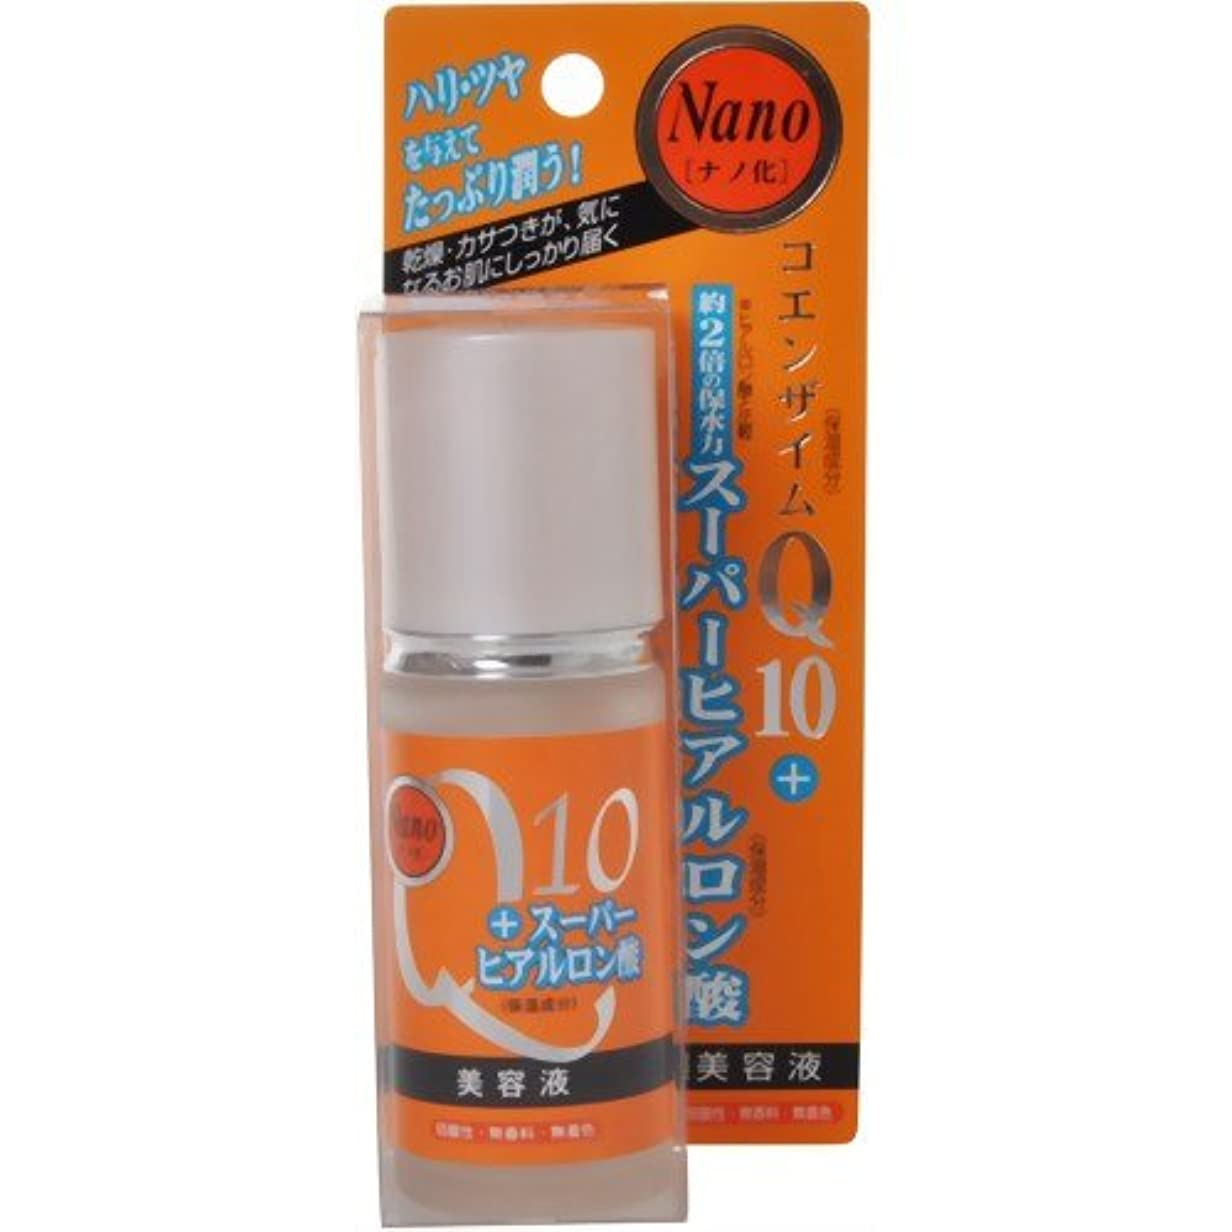 寝室を掃除する絵電信ナノ化?コエンザイムQ10&スーパーヒアルロン酸美容液 30ml